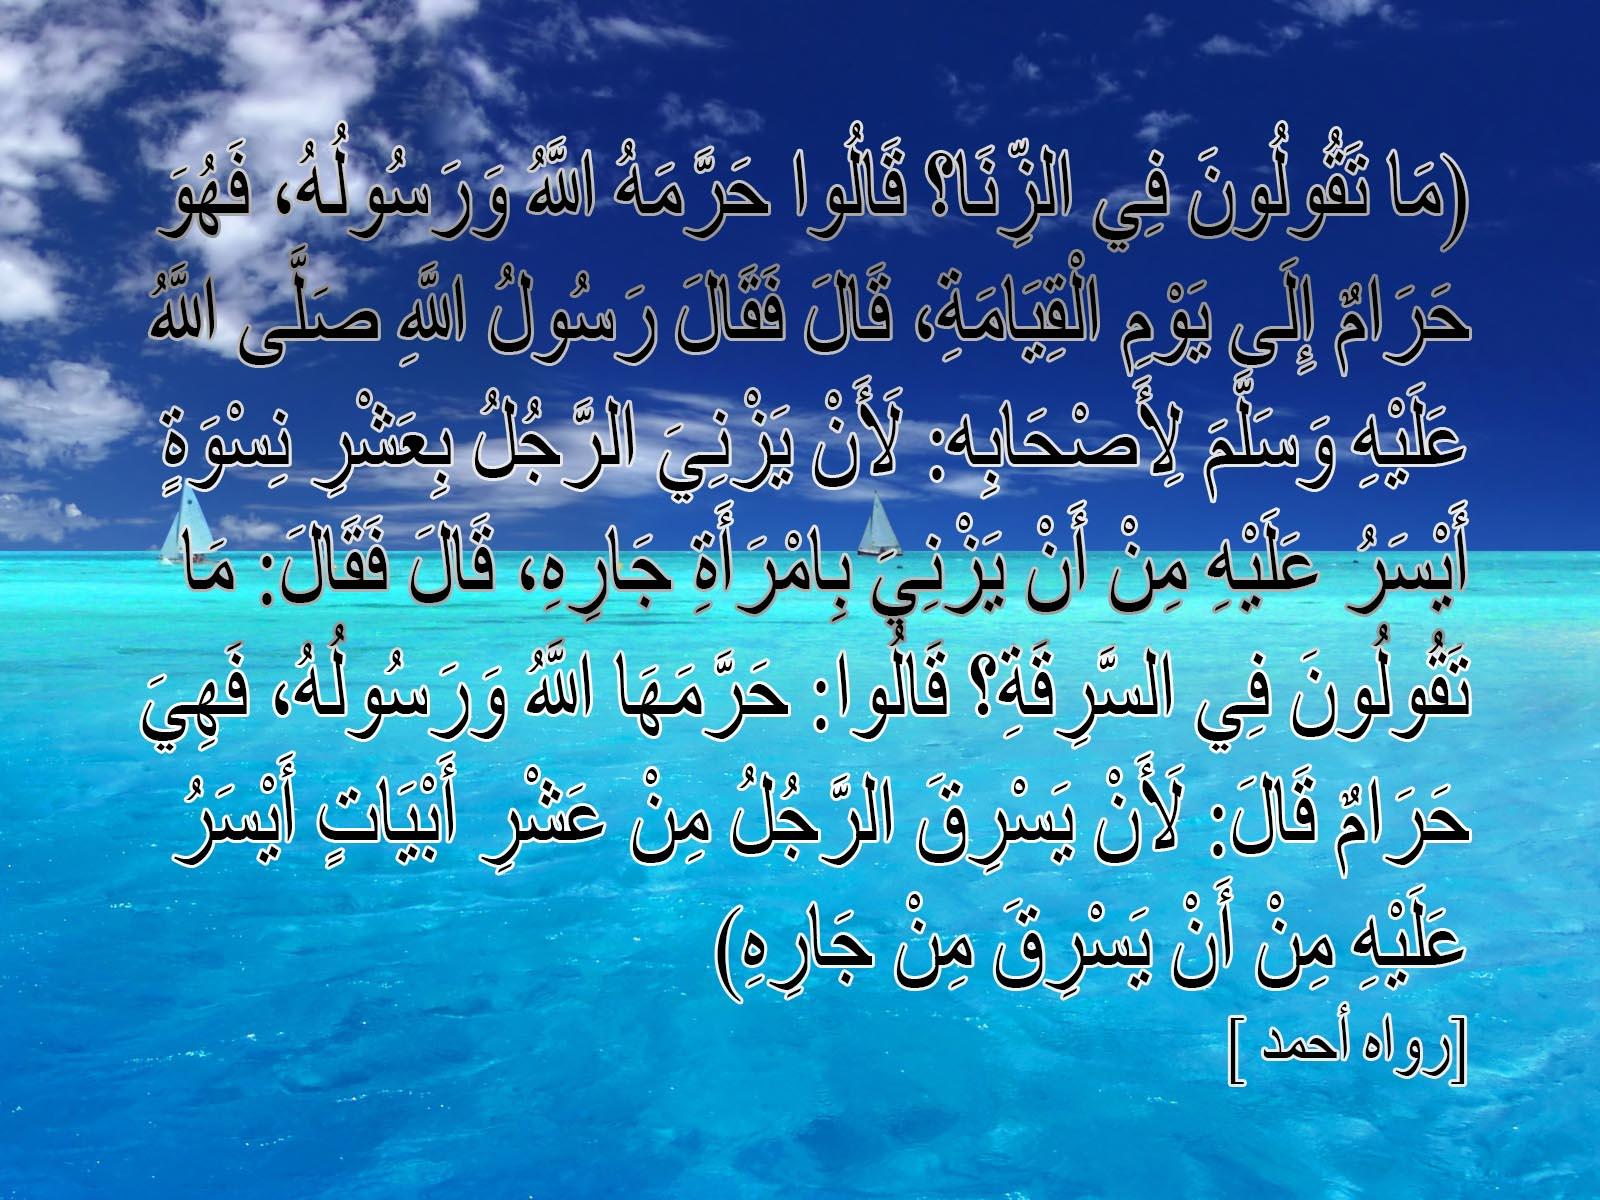 شرح الحديث النبوى الشريف خير الأصحاب عند الله خيرهم لصاحبه من رياض الصالحين فذكر